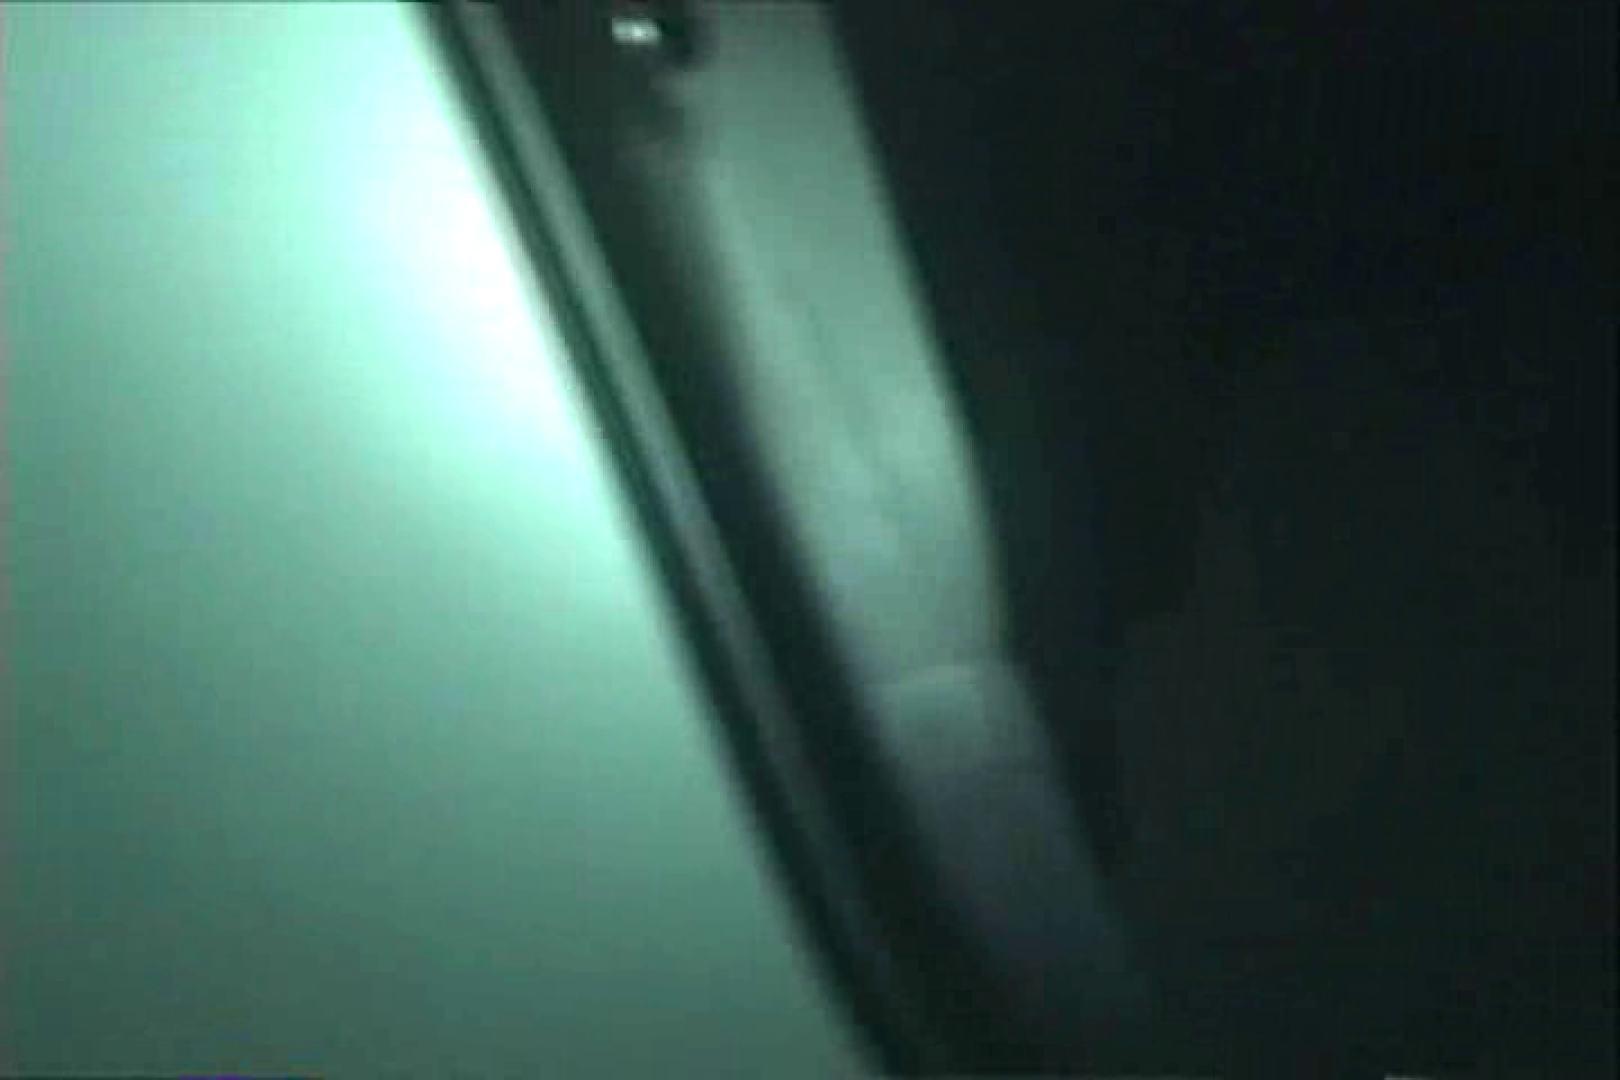 車の中はラブホテル 無修正版  Vol.28 カップル 盗撮画像 99pic 43